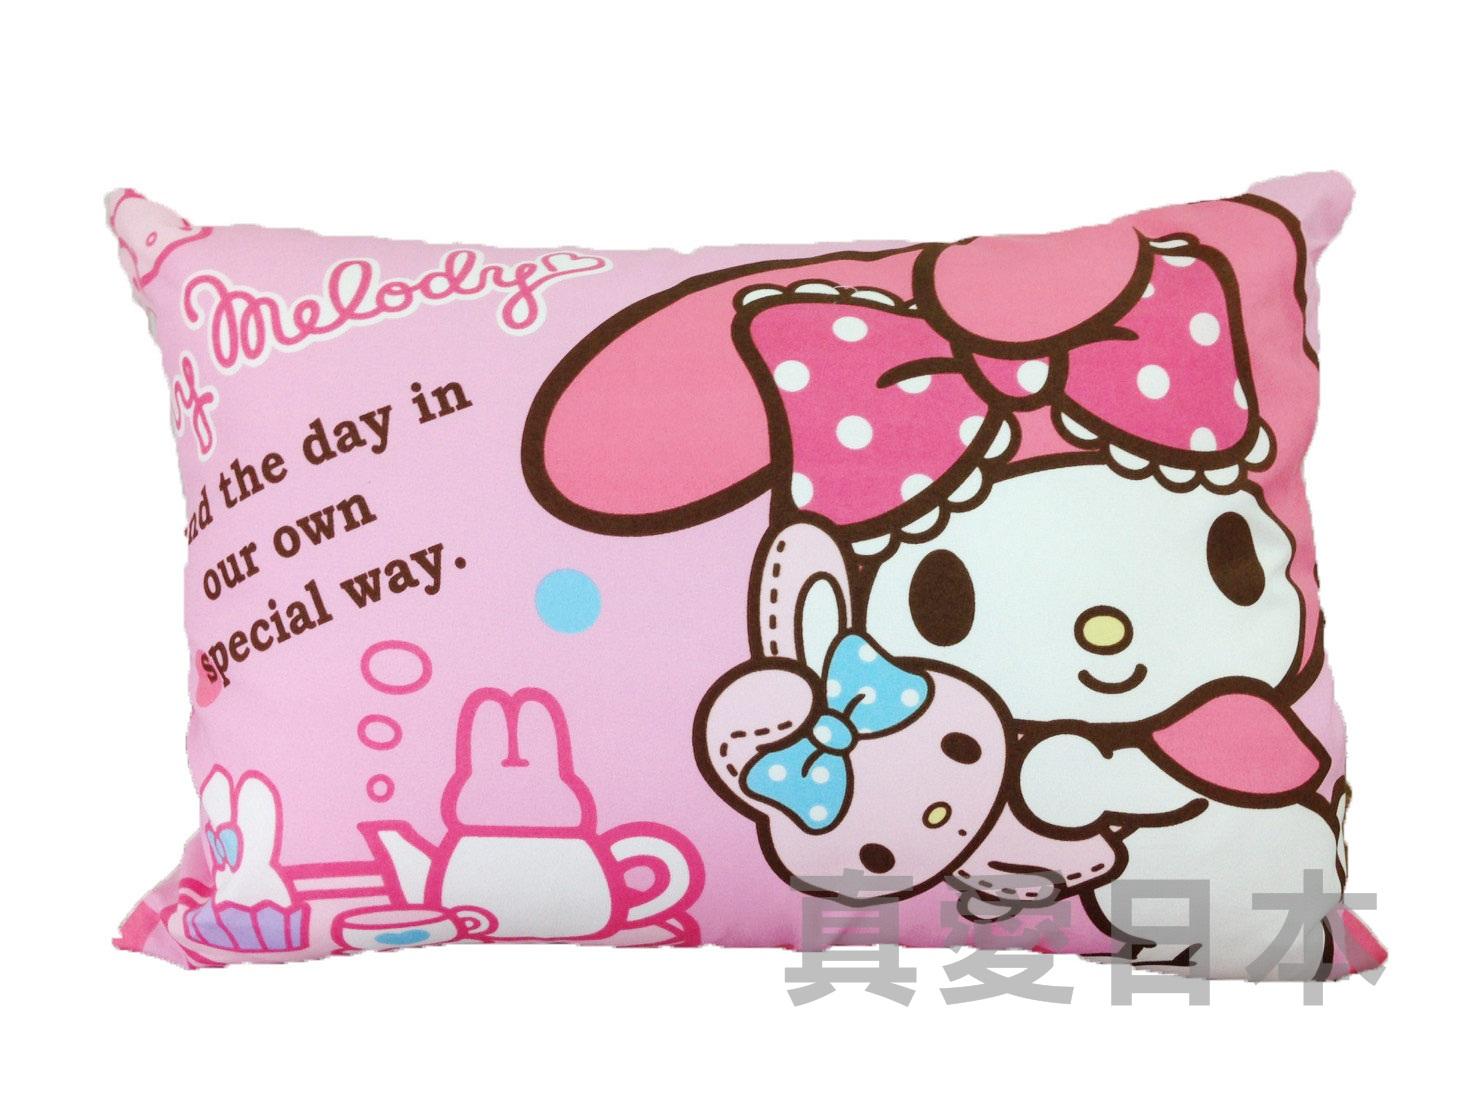 【真愛日本】16050900003 可拆洗童枕-下午茶 三麗鷗家族 Melody 美樂蒂 枕頭 靠枕 居家